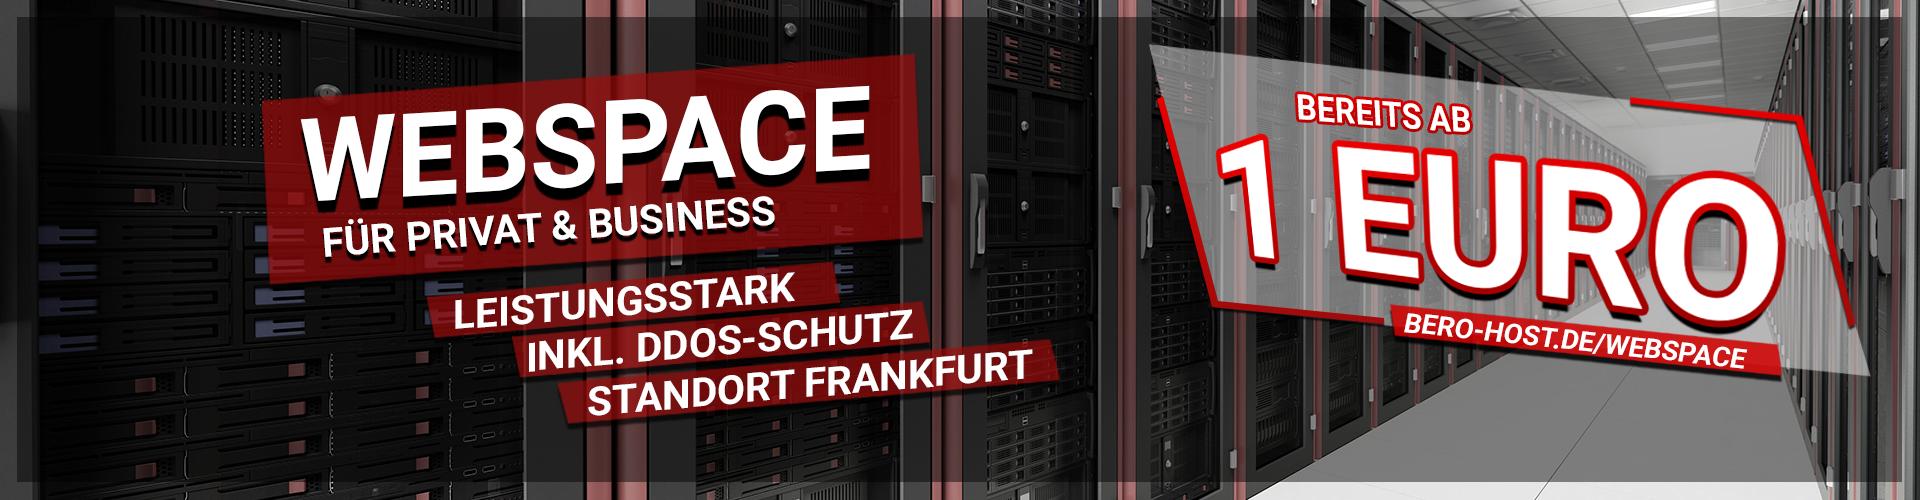 Günstige Prepaid Webspace Pakete ab 1,00€ pro Monat